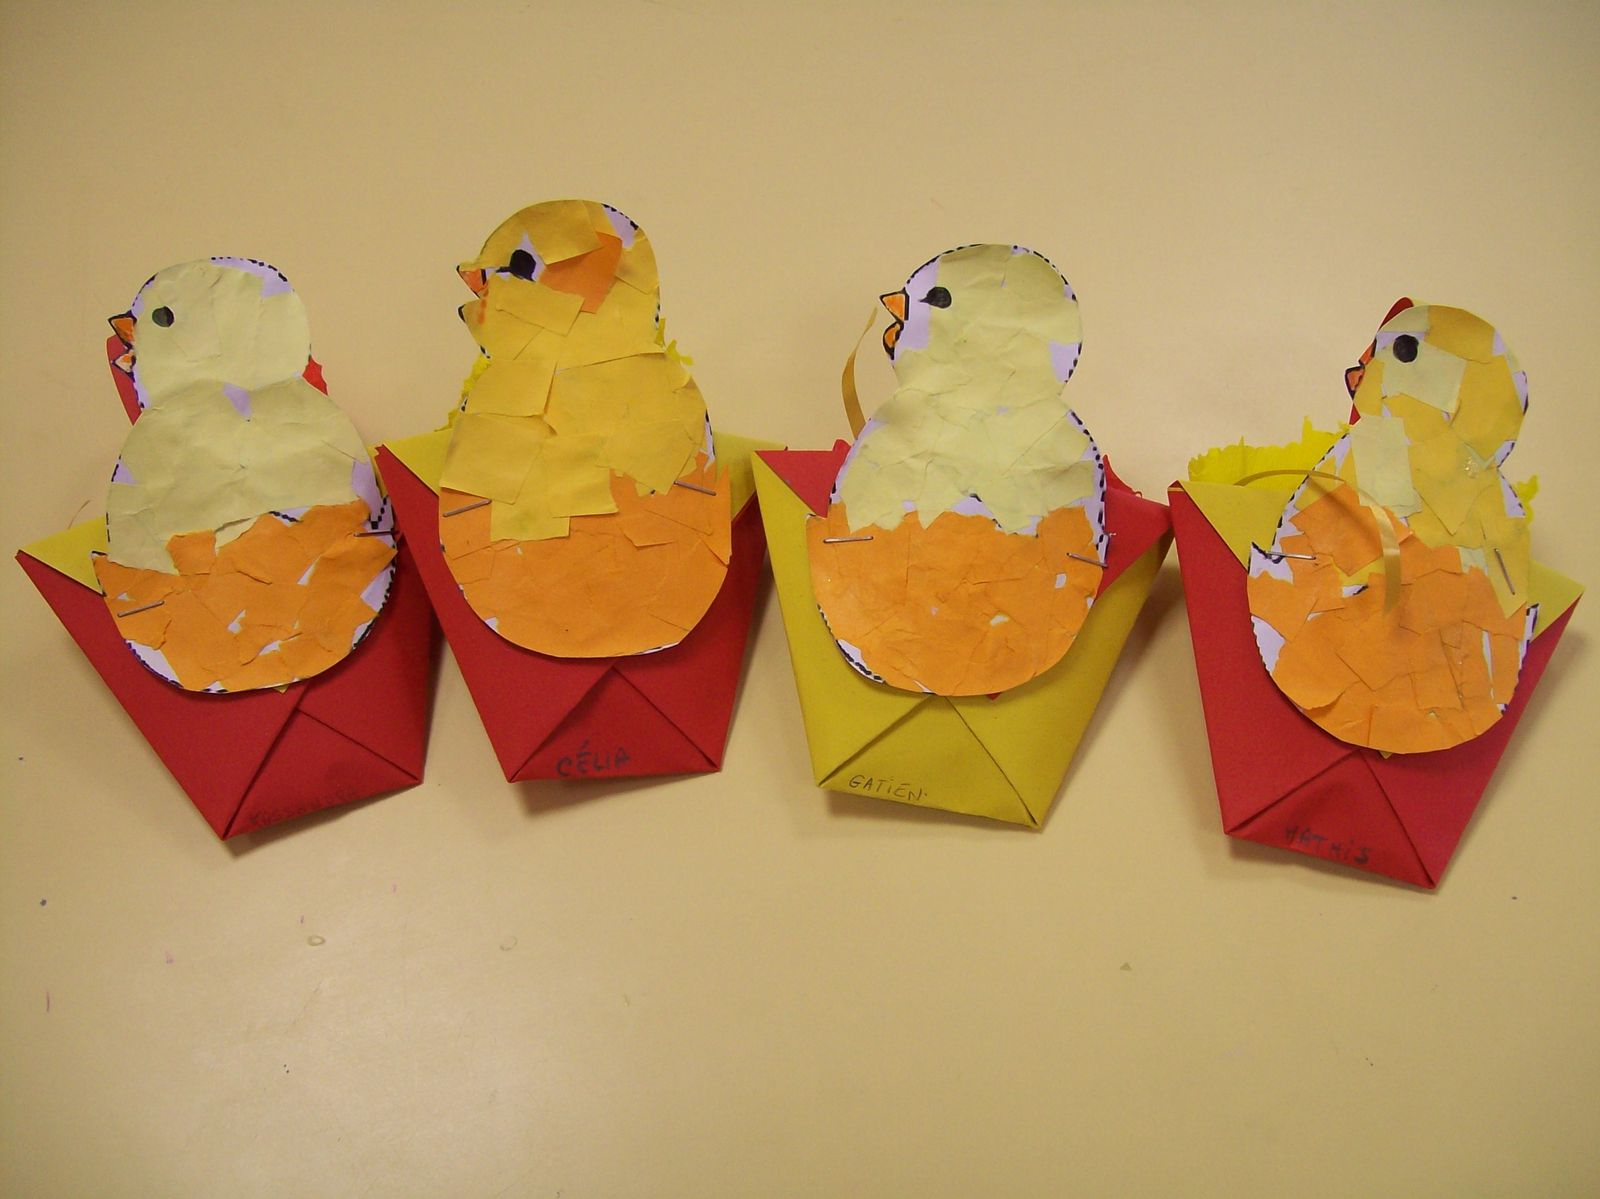 Bricolage De Pâques - Des Arts Visuels À L'école Maternelle dedans Bricolage Pour Paques Maternelle